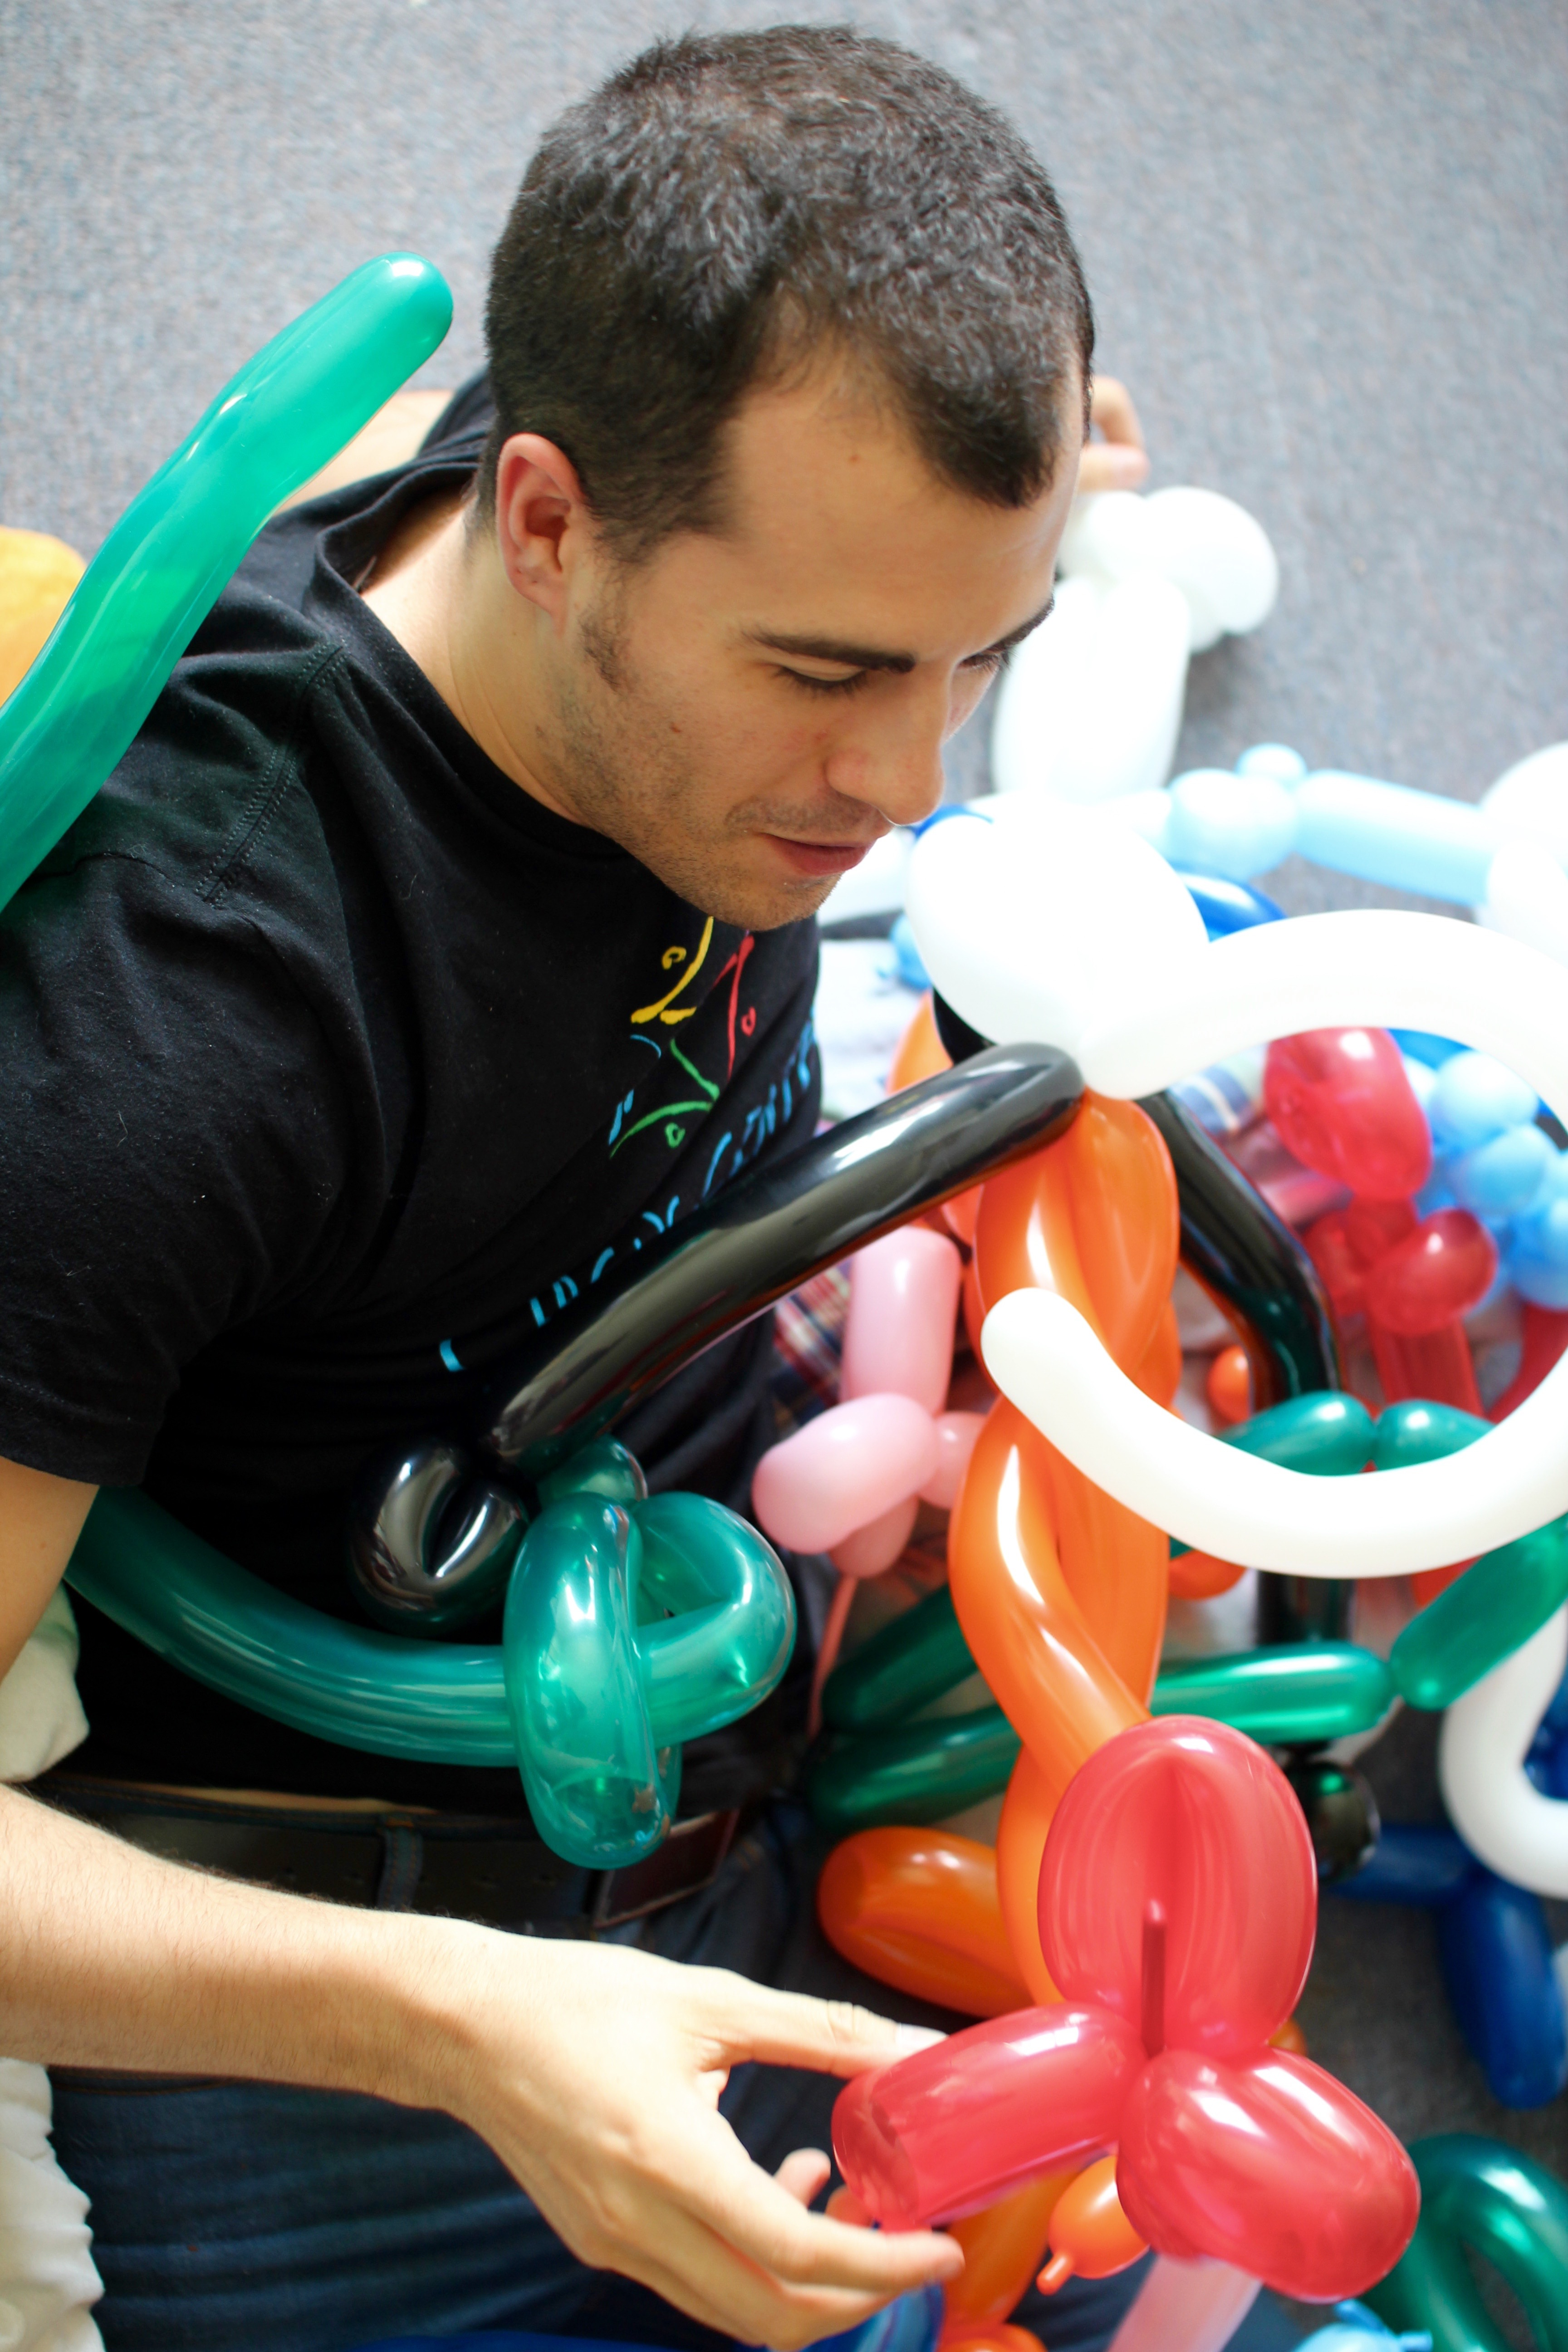 Mick, the Balloon-Artist